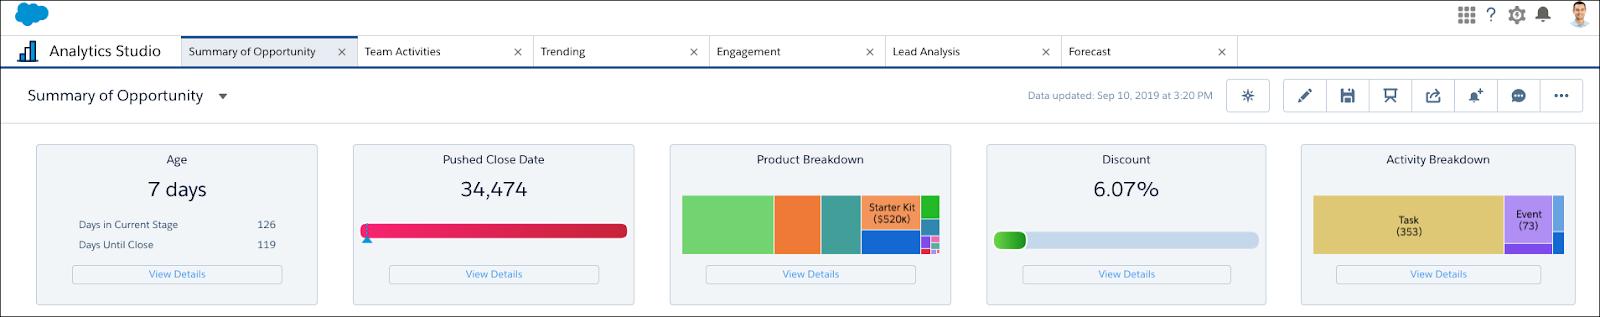 Analytics Studio の Summary of Opportunity ダッシュボード